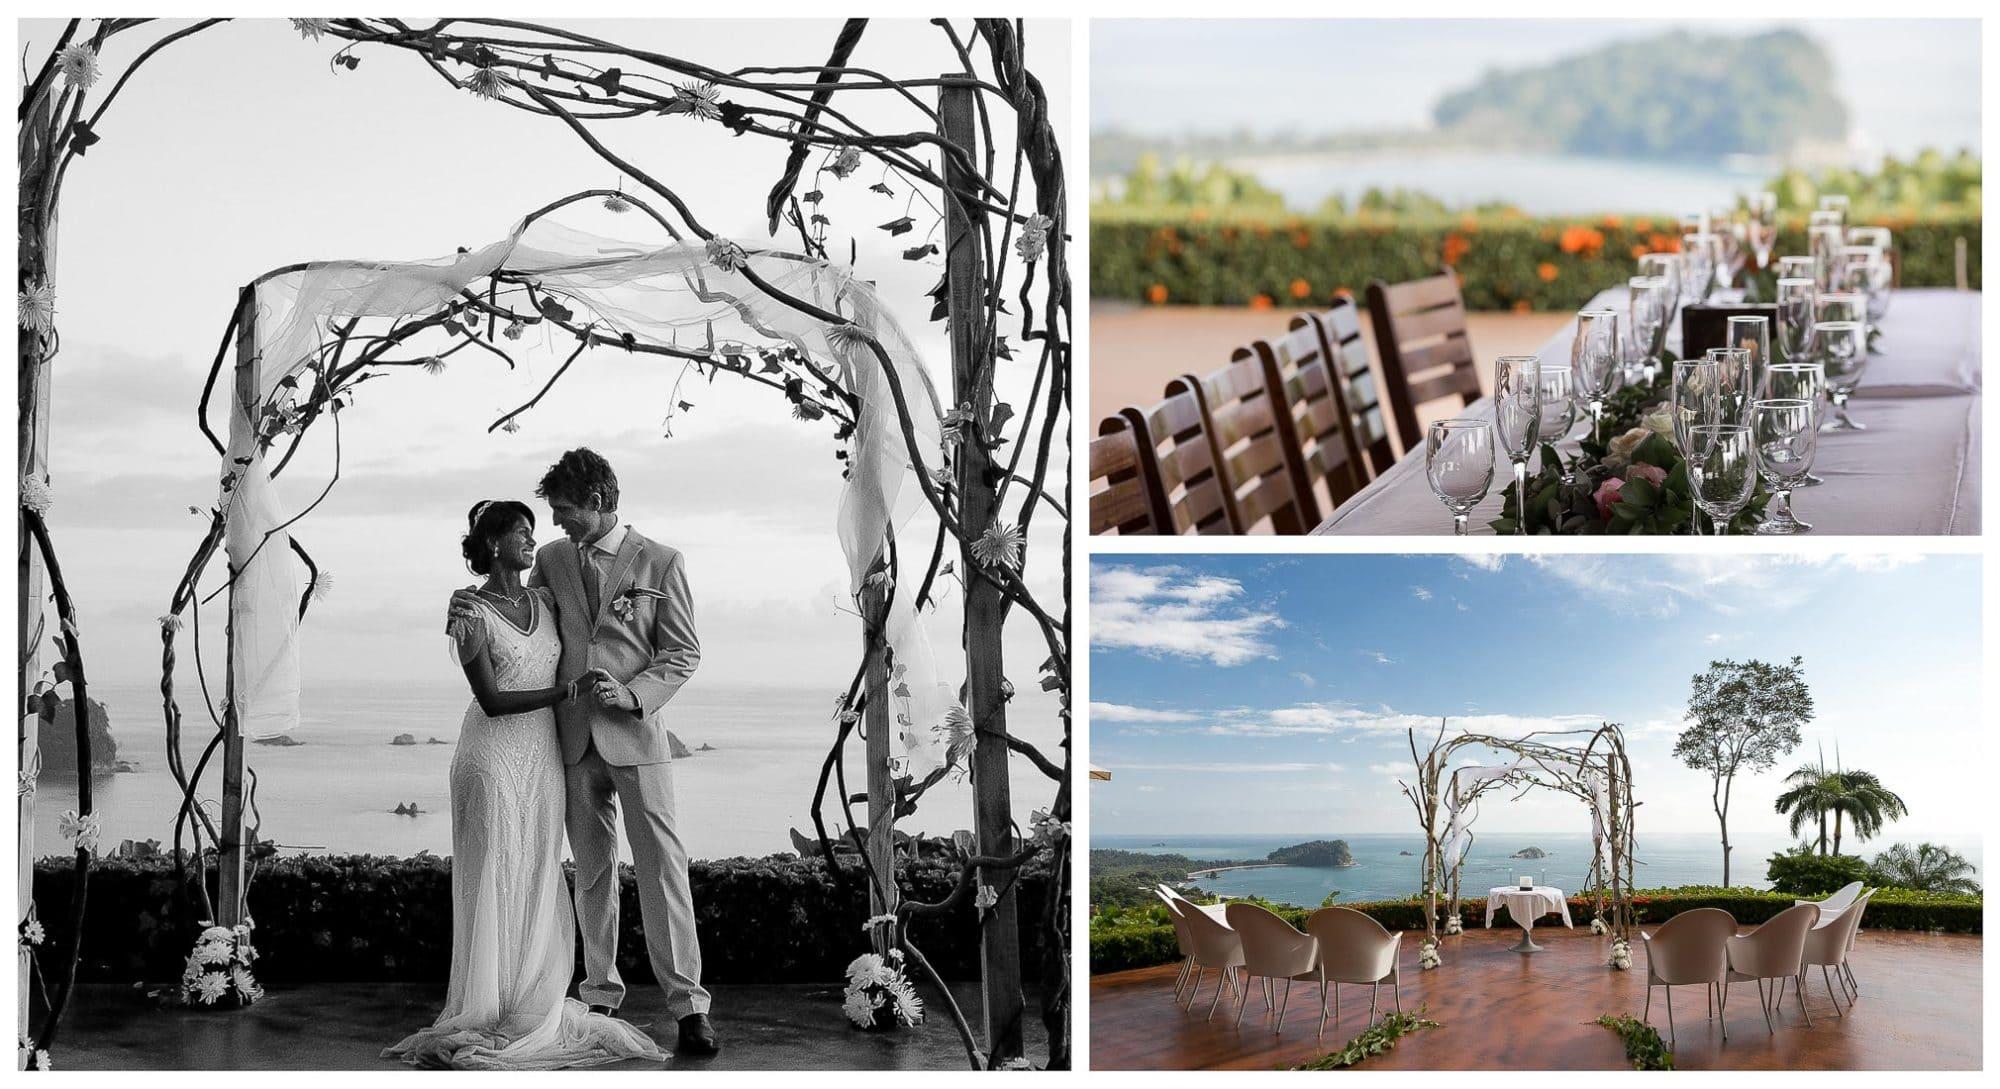 Wedding Ceremony at La Mariposa Hotel in Manuel Antonio